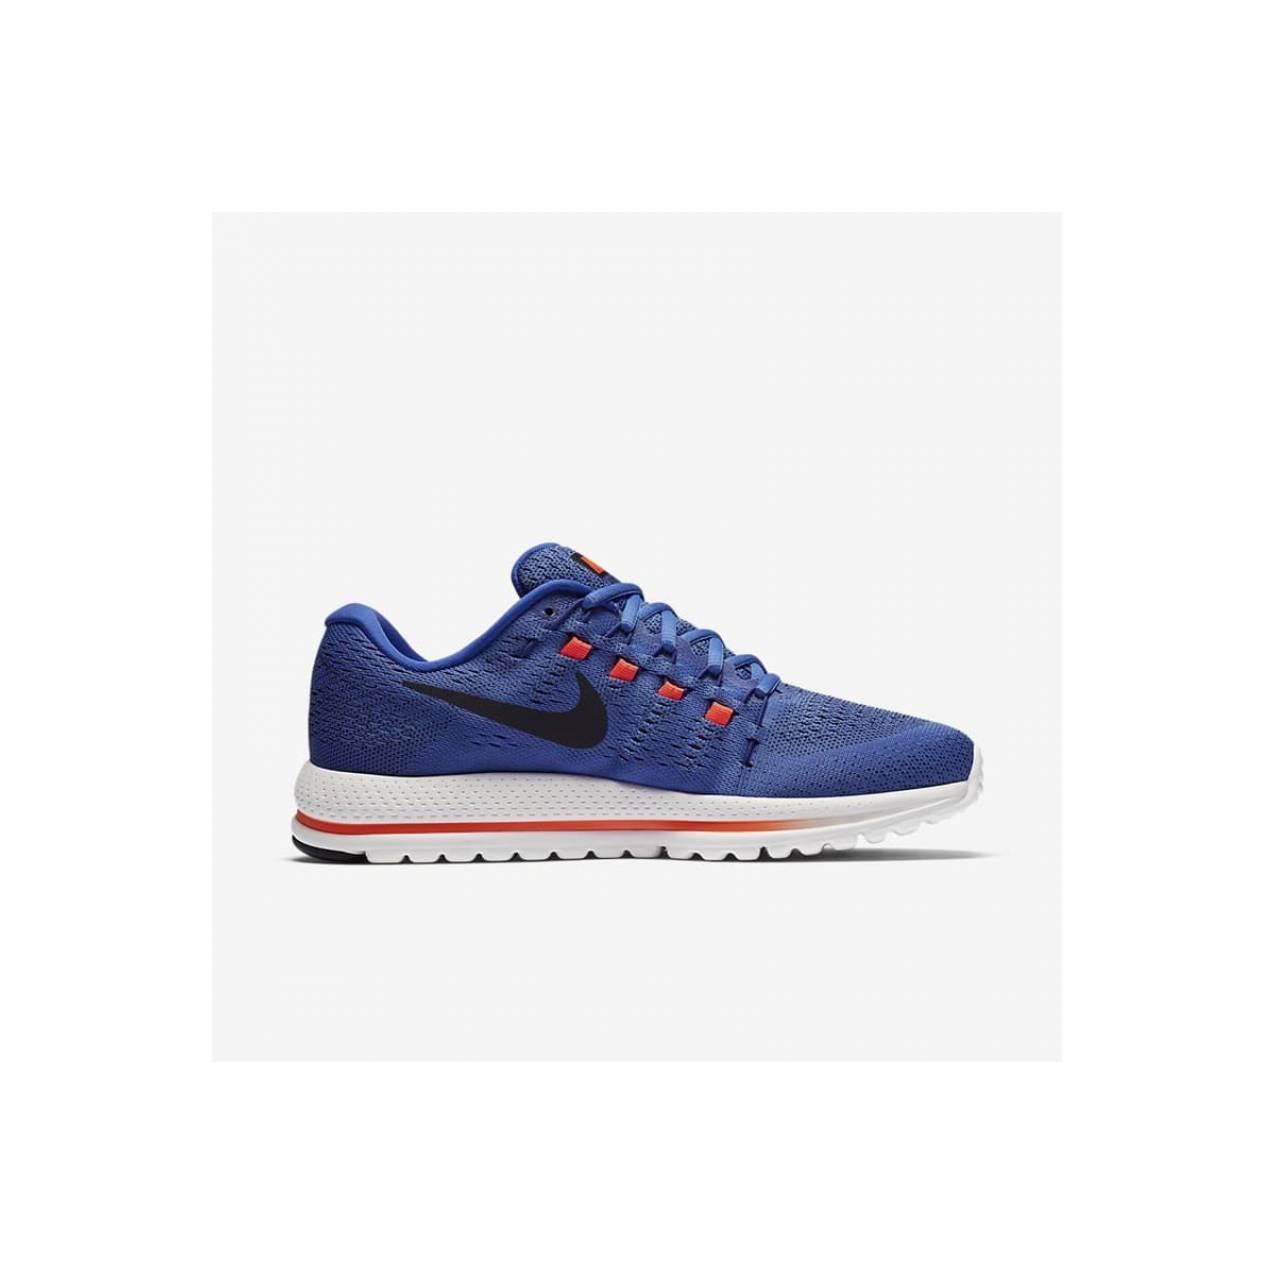 1befb096b8bcaf9b9ae081597e78c130 Koleksi Daftar Harga Sepatu Nike Zoom Ori Terlaris tahun ini